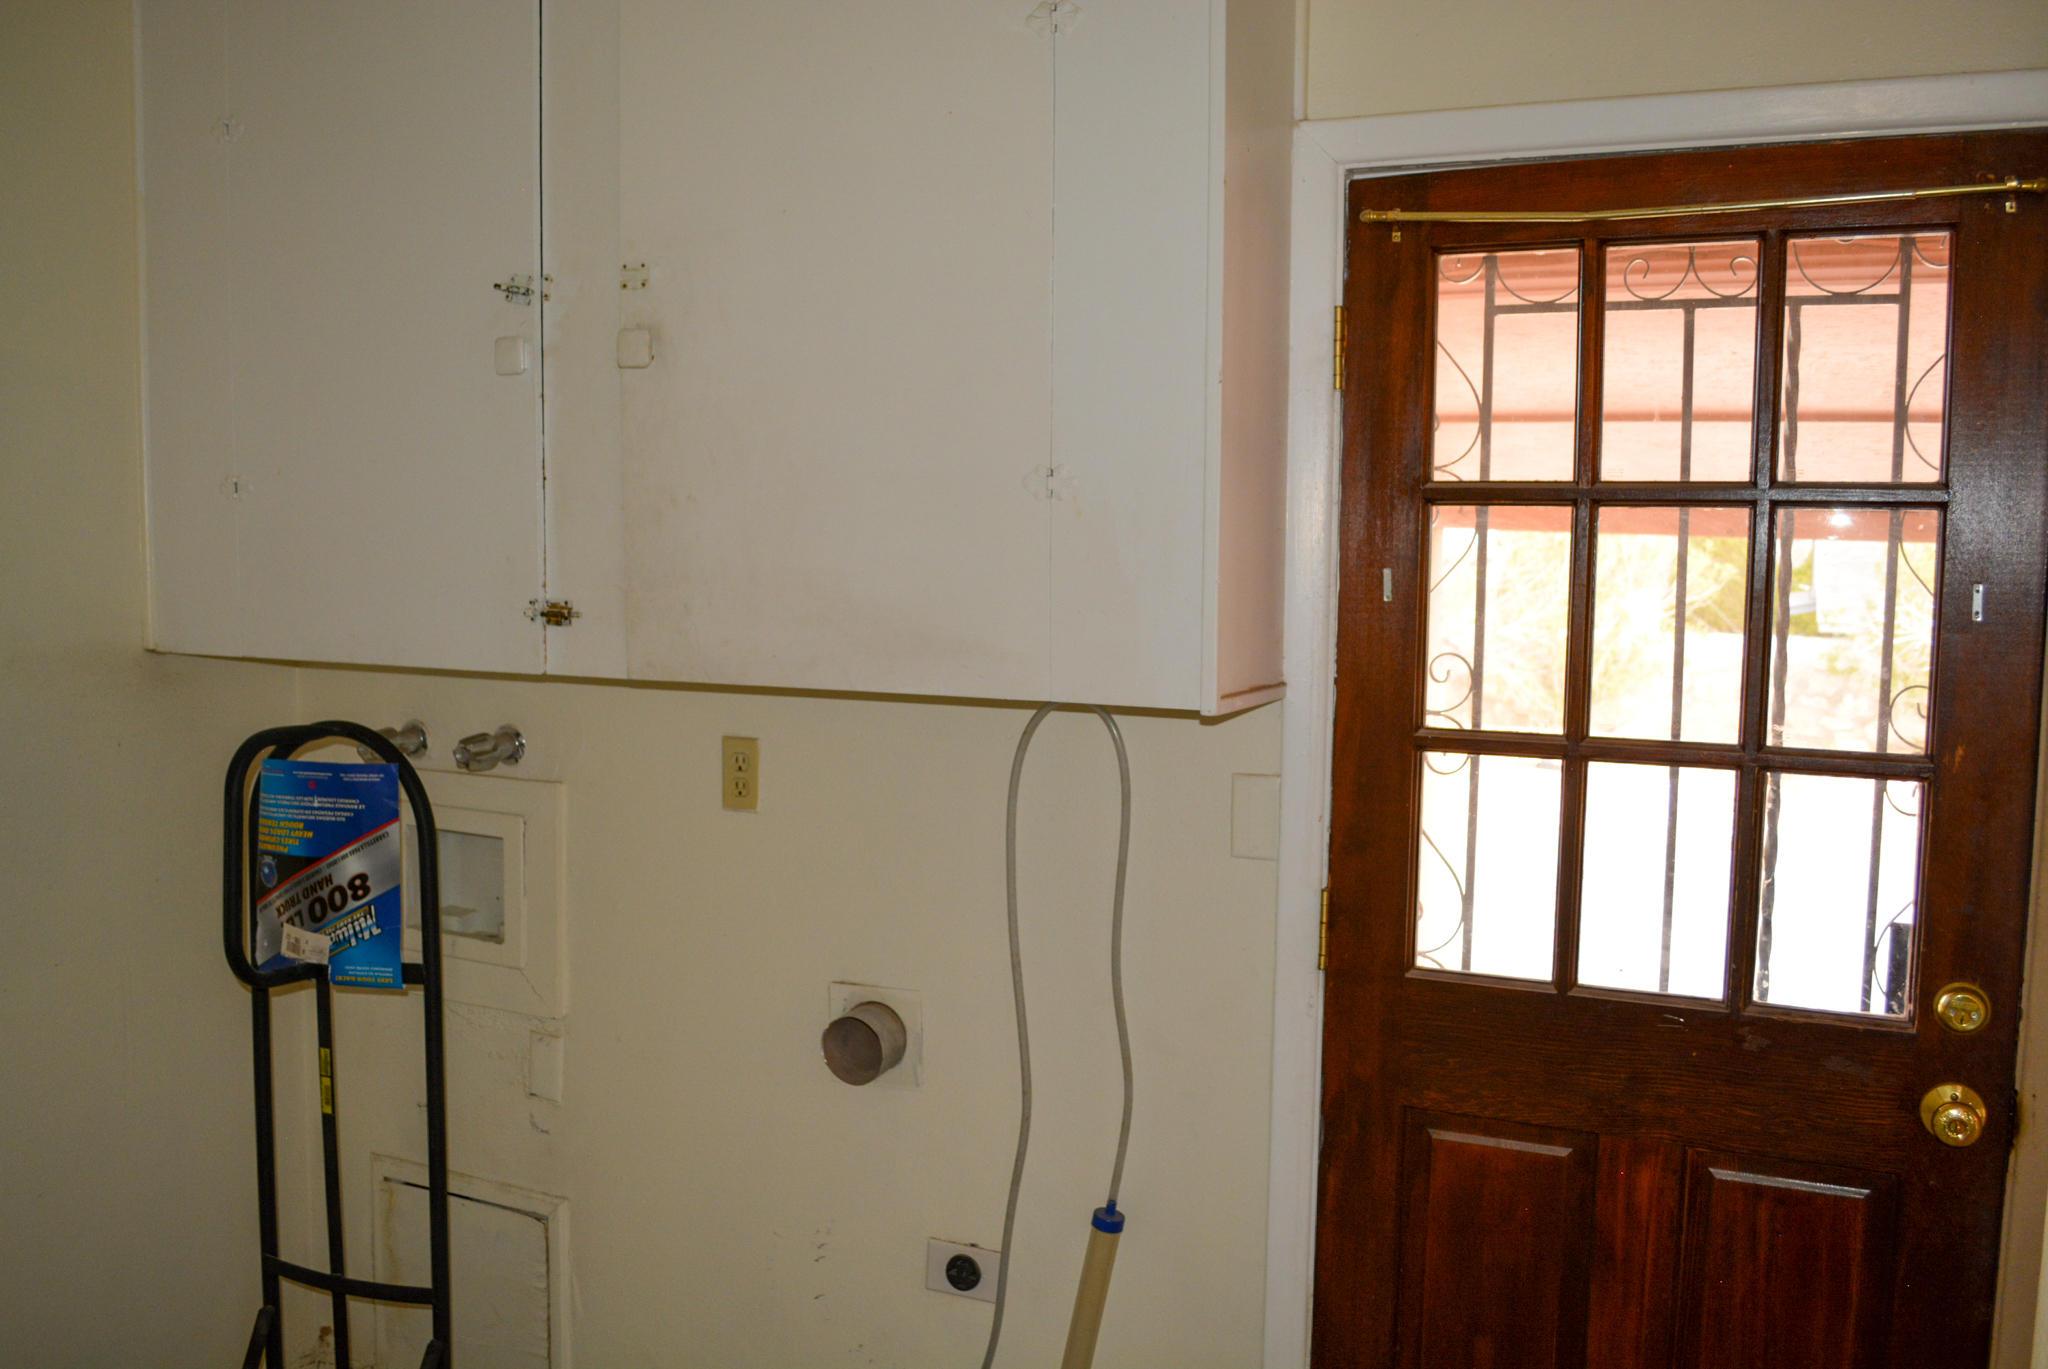 10100 DELLWOOD, El Paso, Texas 79924, 4 Bedrooms Bedrooms, ,2 BathroomsBathrooms,Residential,For sale,DELLWOOD,821059